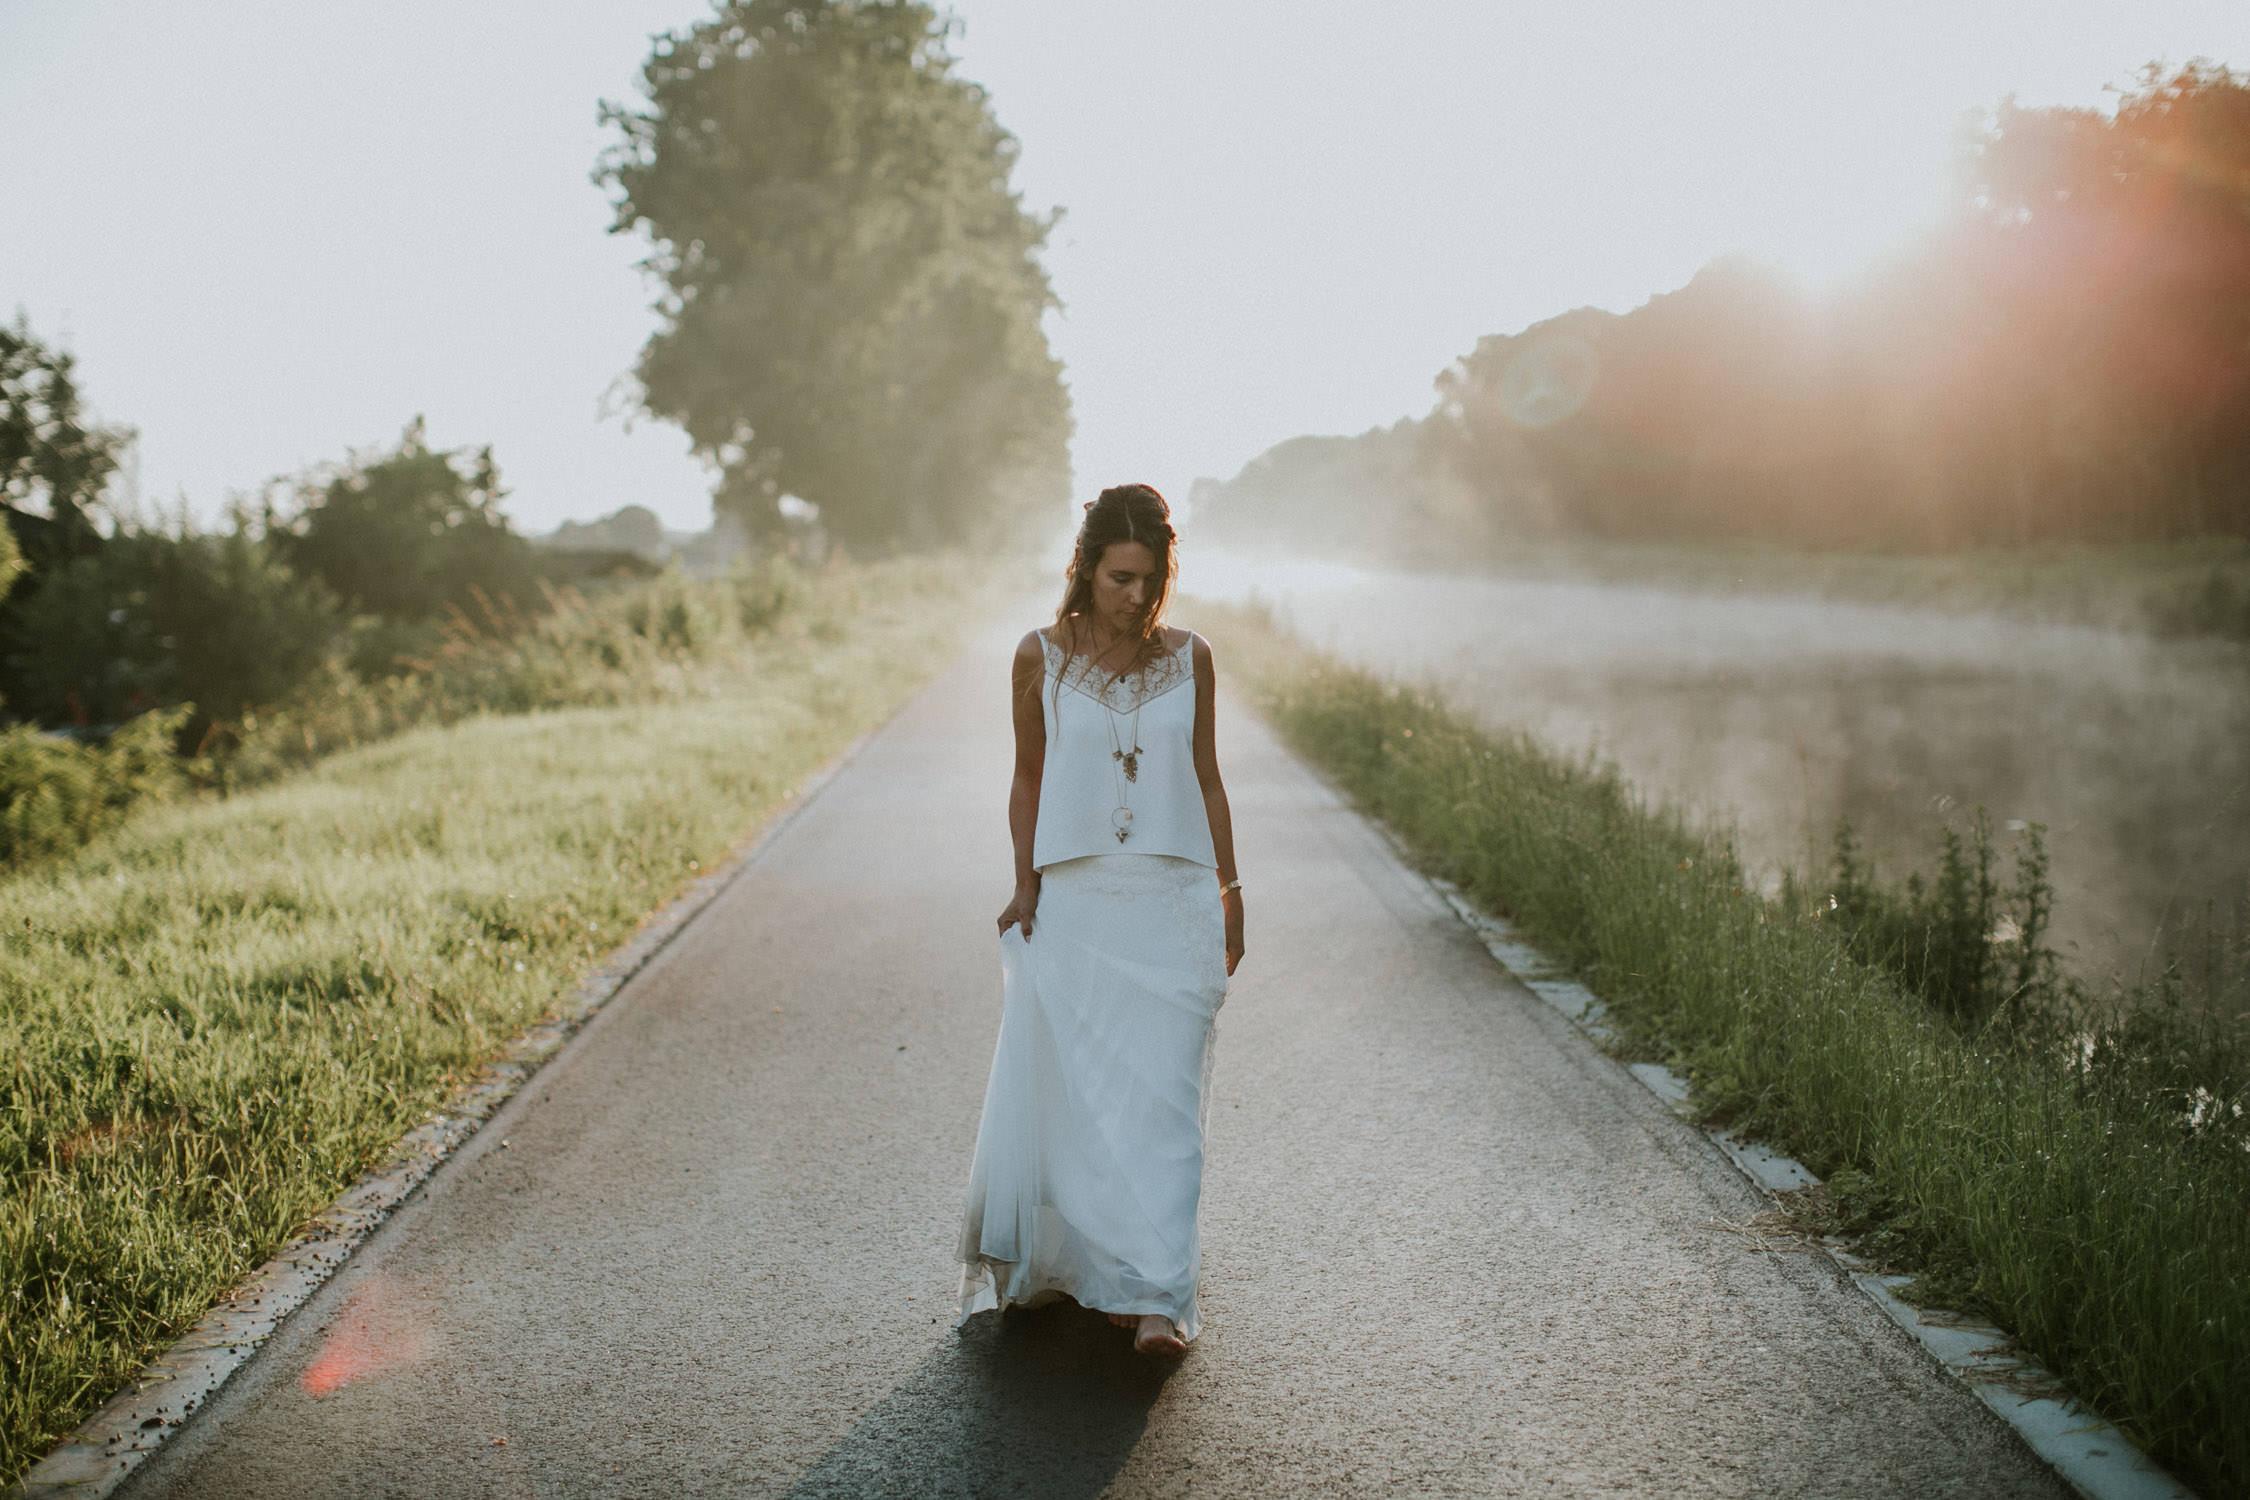 Huwelijksreportage bij mist